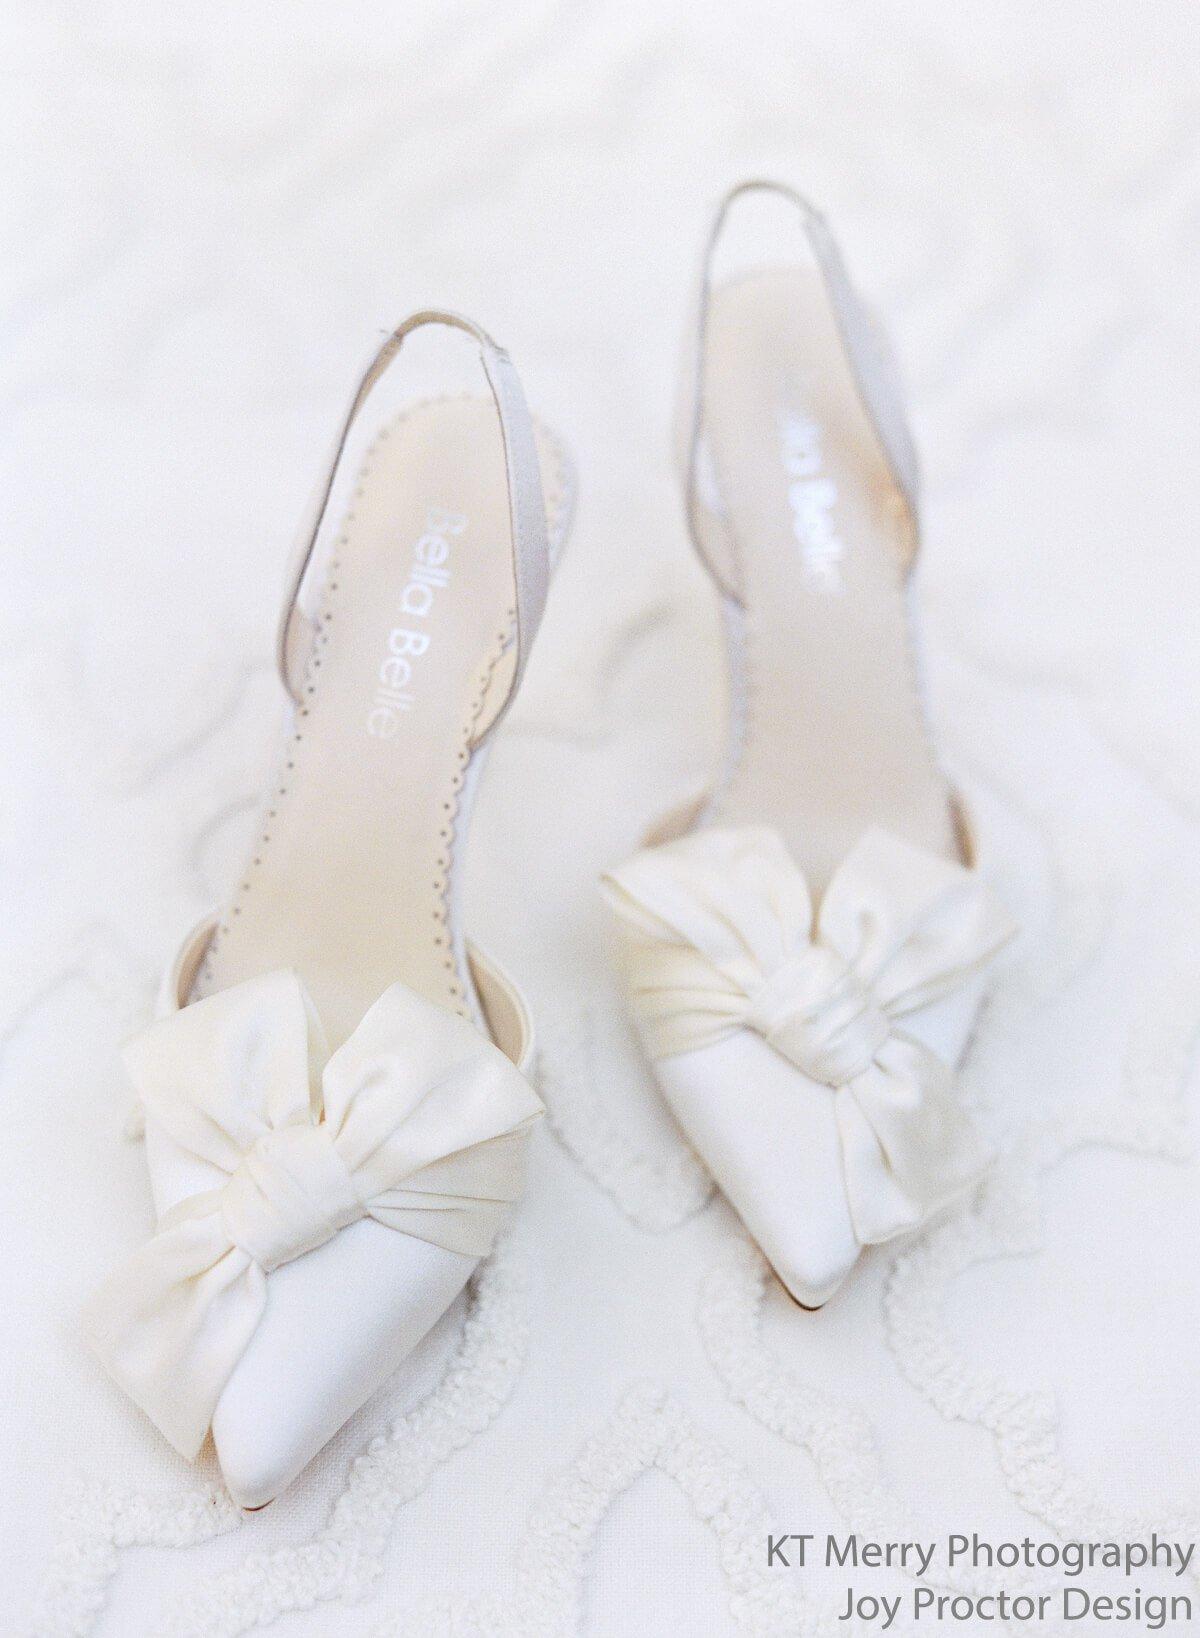 Chaussures de mariée bellabelle shoes ivoire reese confort noeud 10cm talon aiguille décolleté